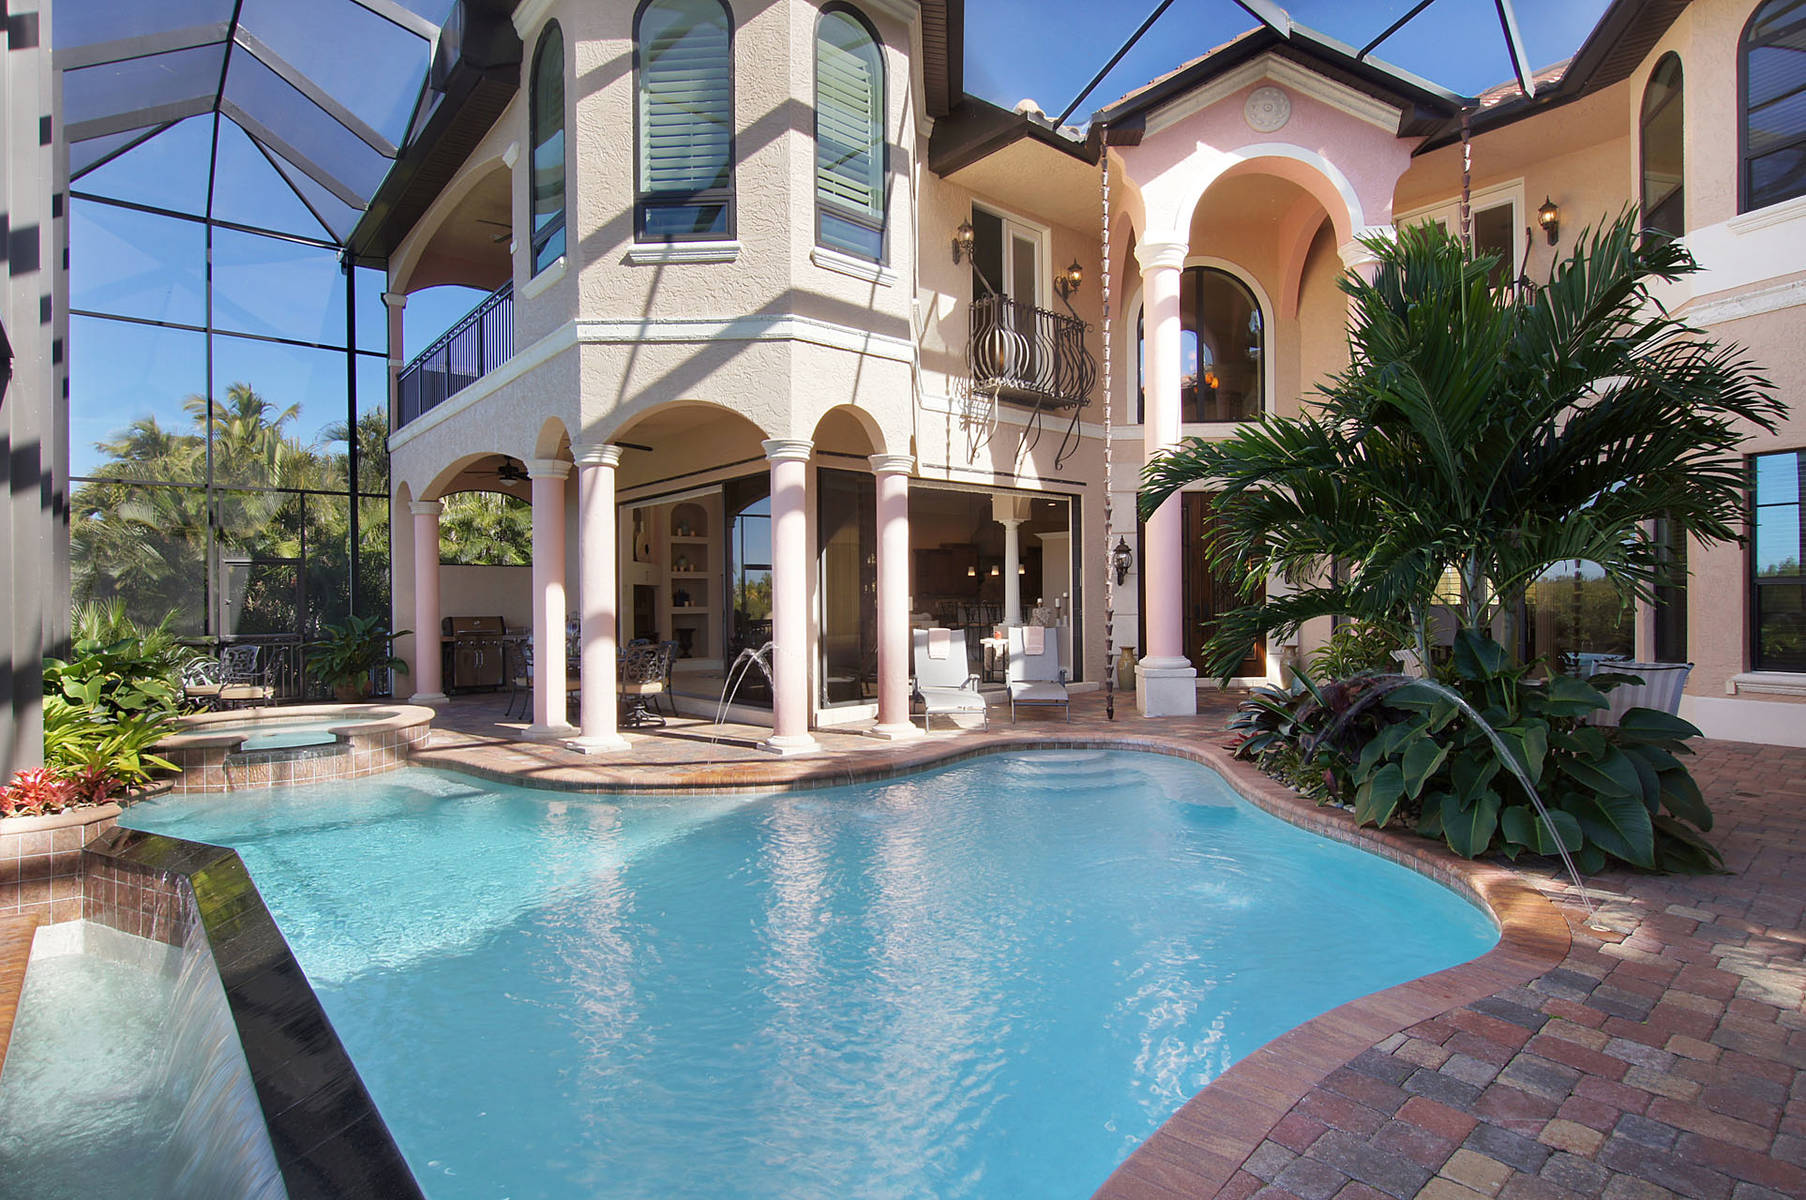 Amerikanischer Kühlschrank Expert : Villa cape coral 12871 u2013 groß und luxuriös auf 2 etagen in toplage